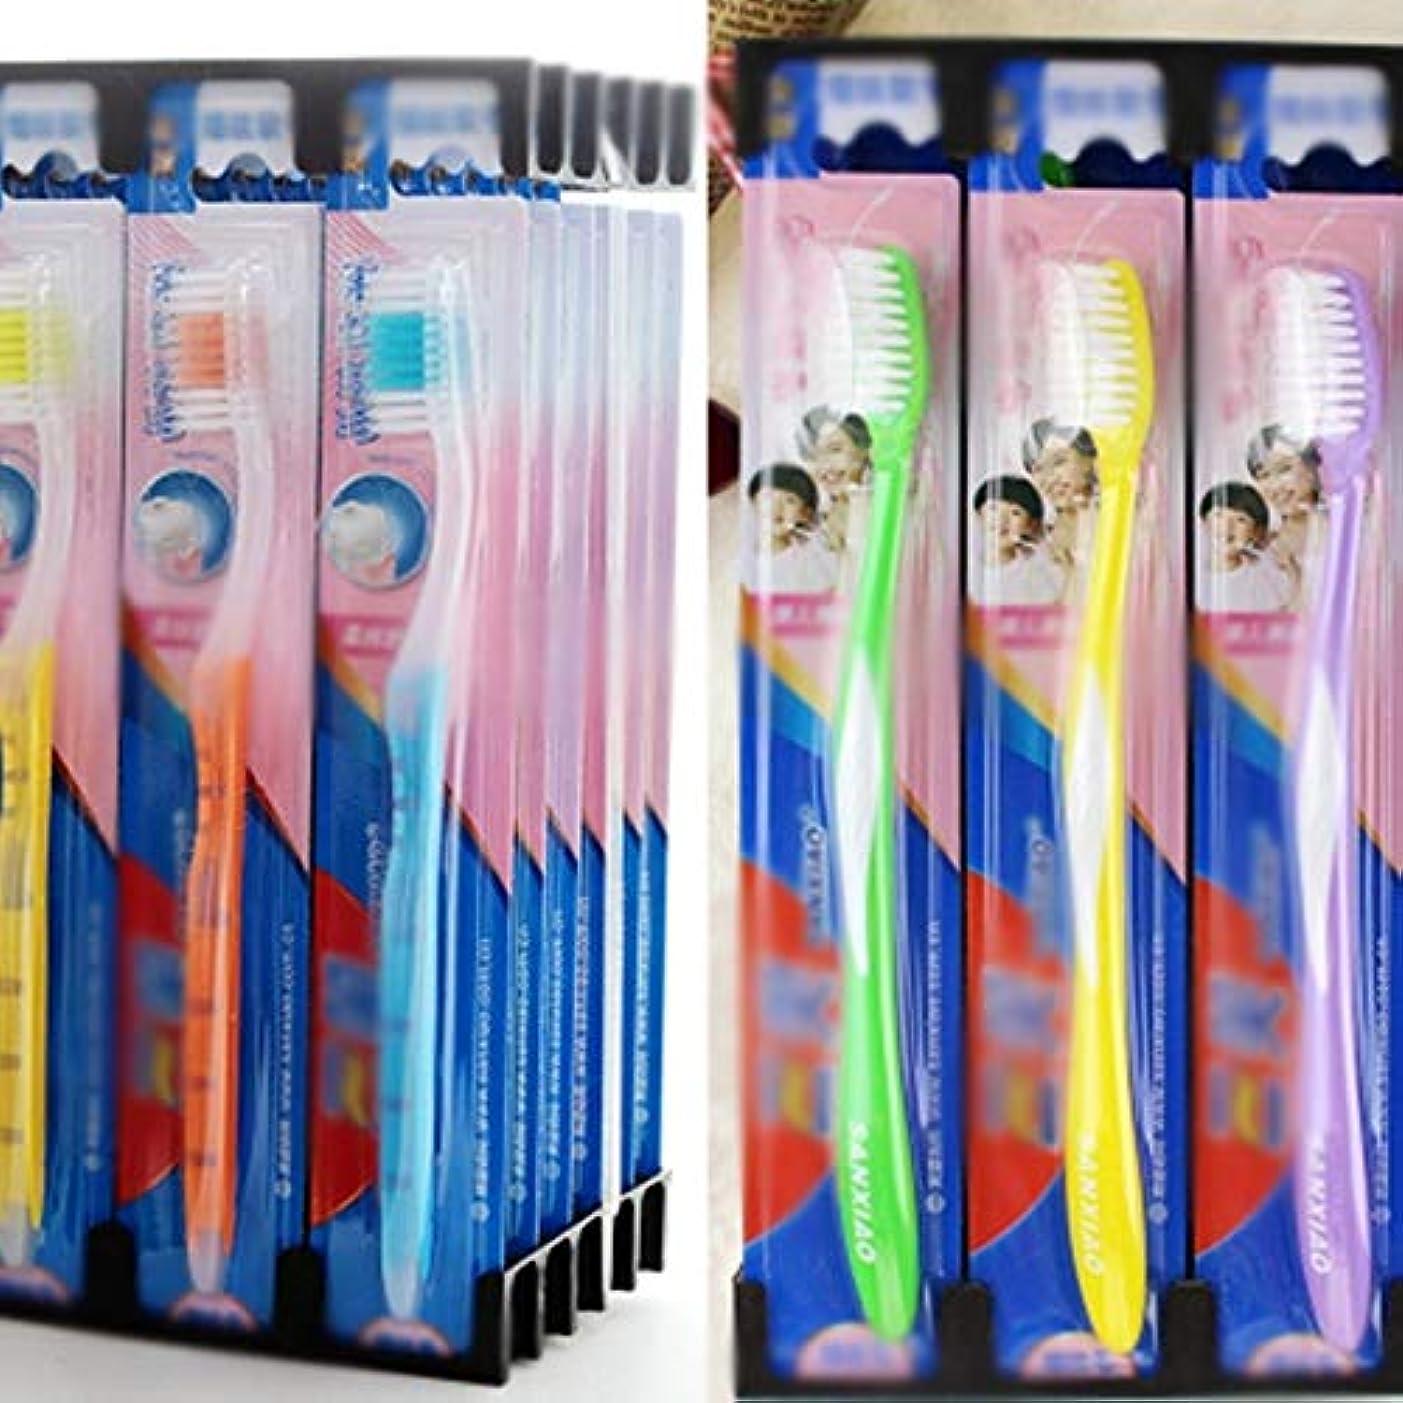 内向き所有権周辺歯ブラシ 30パック歯ブラシ、混血歯ブラシ、ファミリーパック歯ブラシ - 使用可能なスタイルの3種類 KHL (色 : B, サイズ : 30 packs)